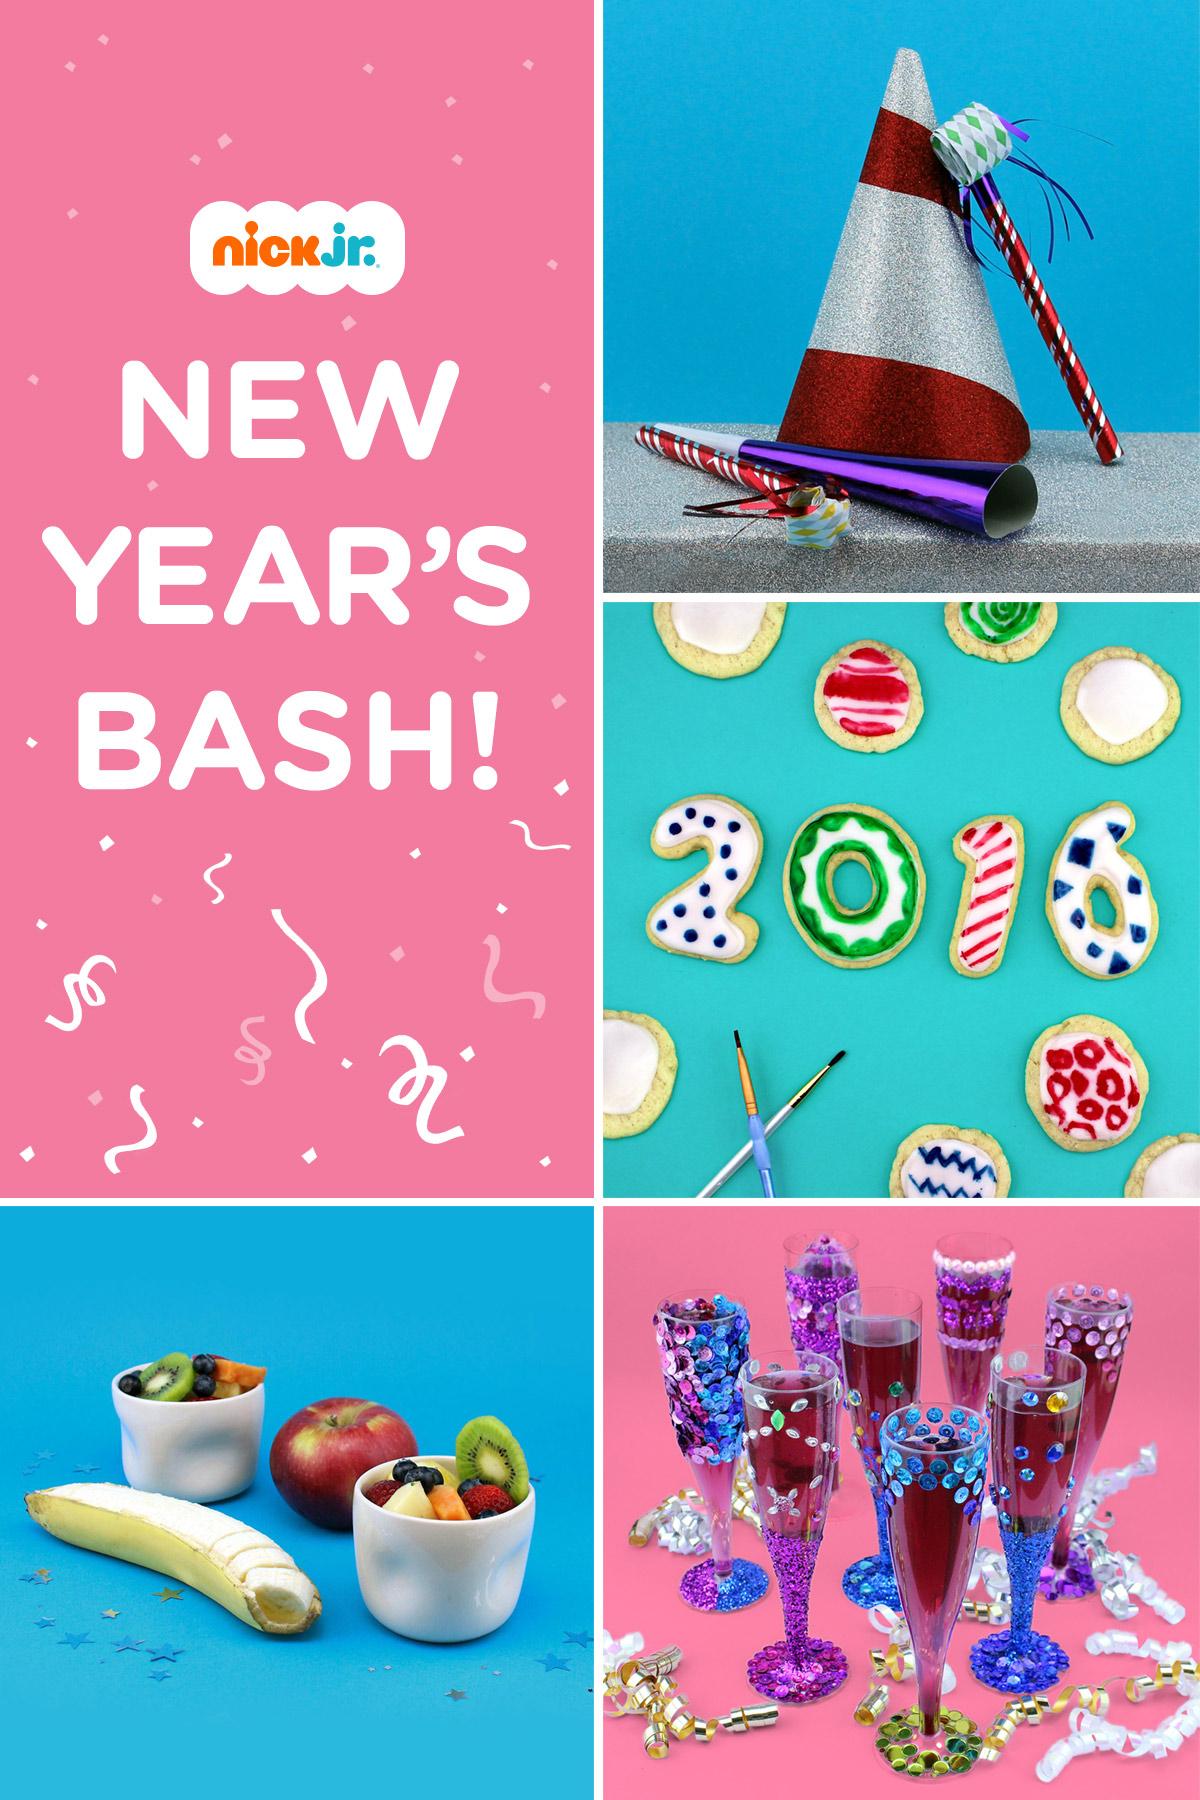 Nick Jr. New Year's Bash